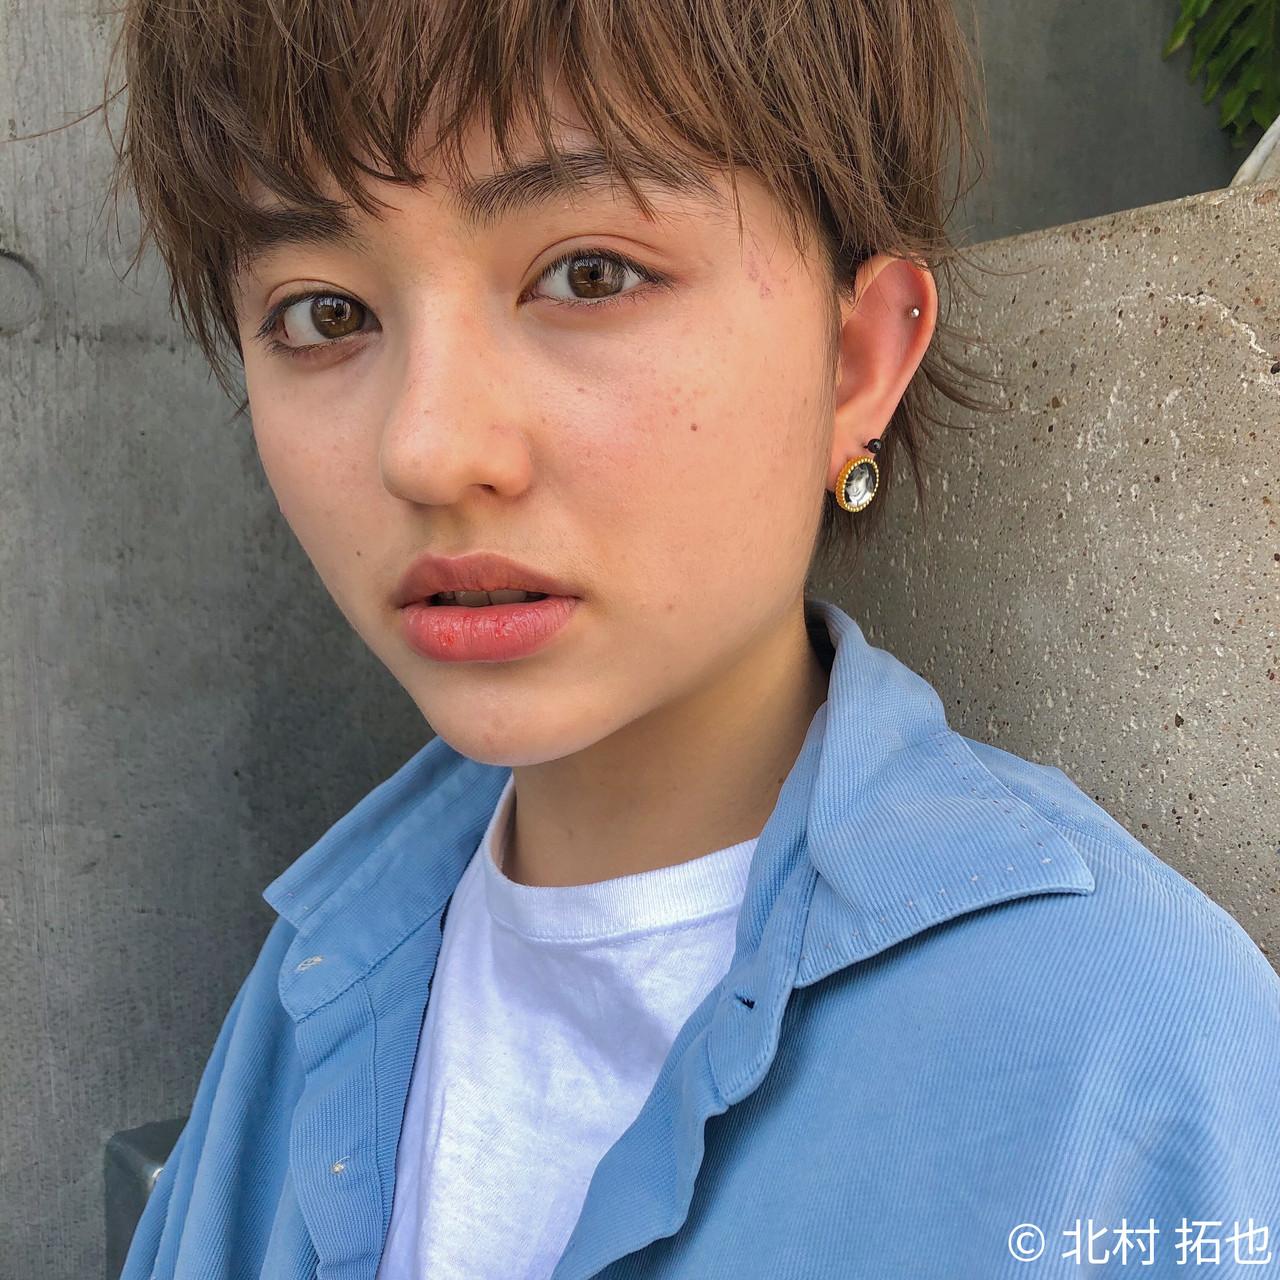 岩田剛典 髪型 オーダー